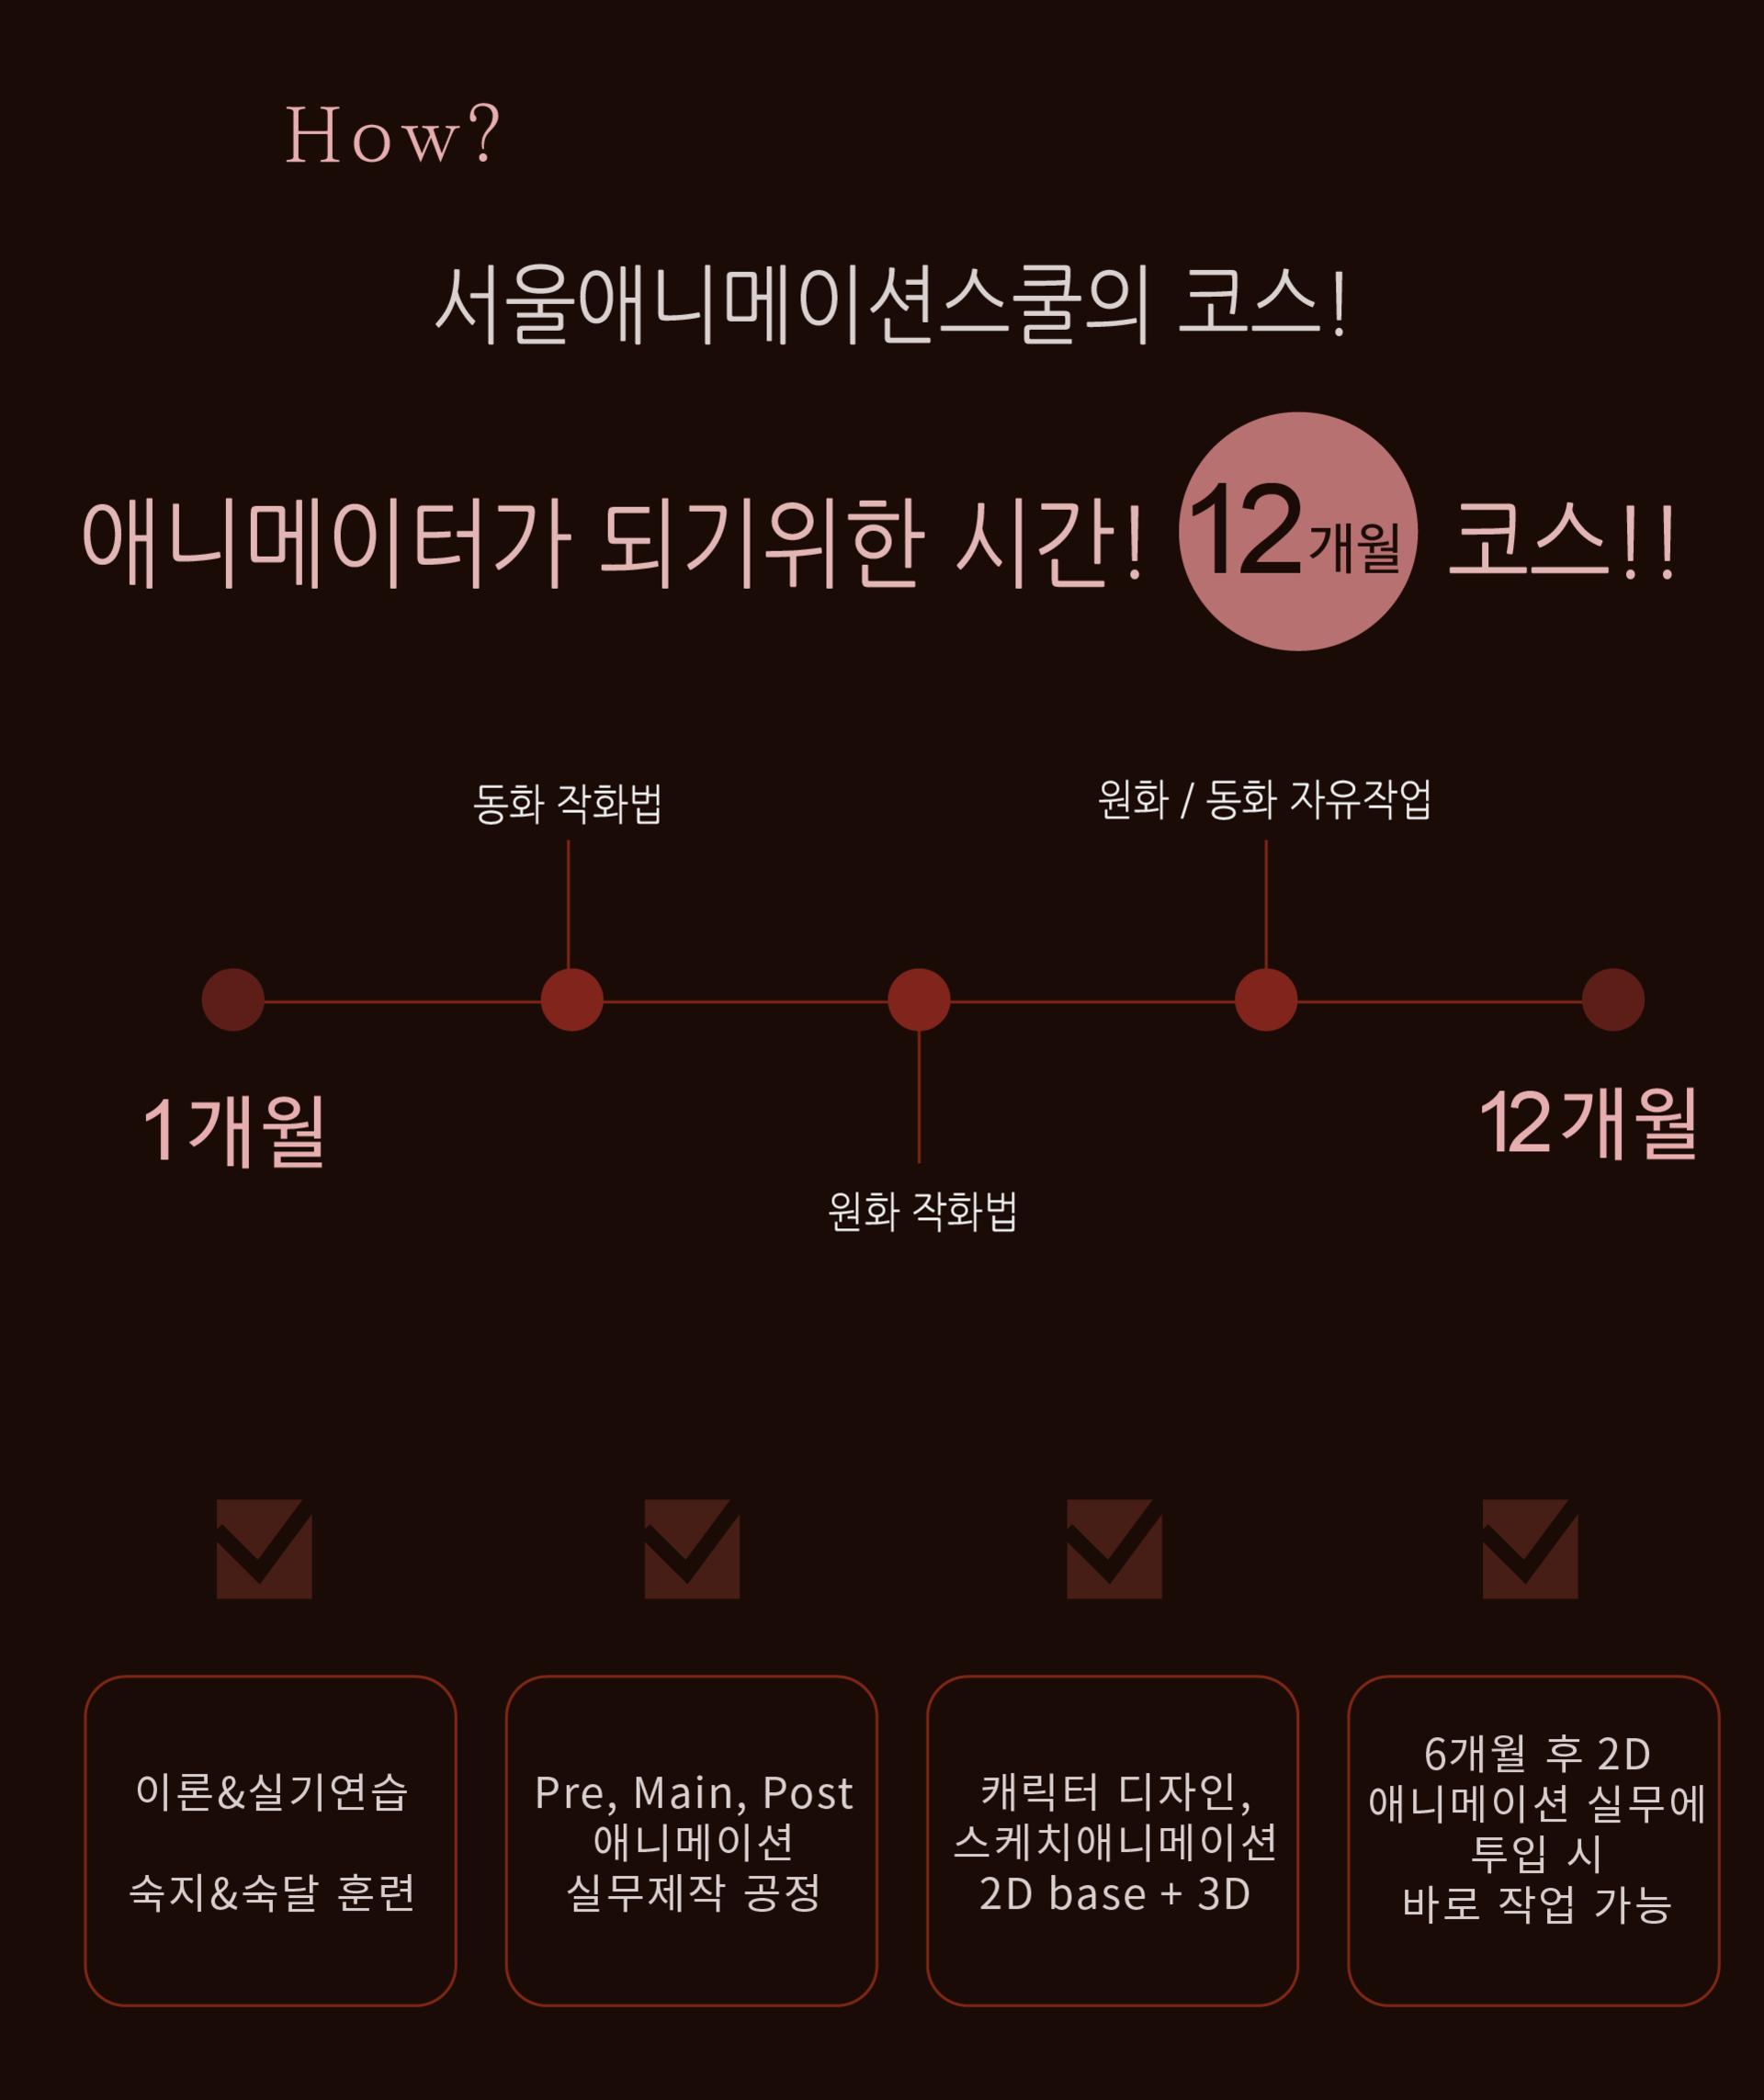 서울애니메이션코스